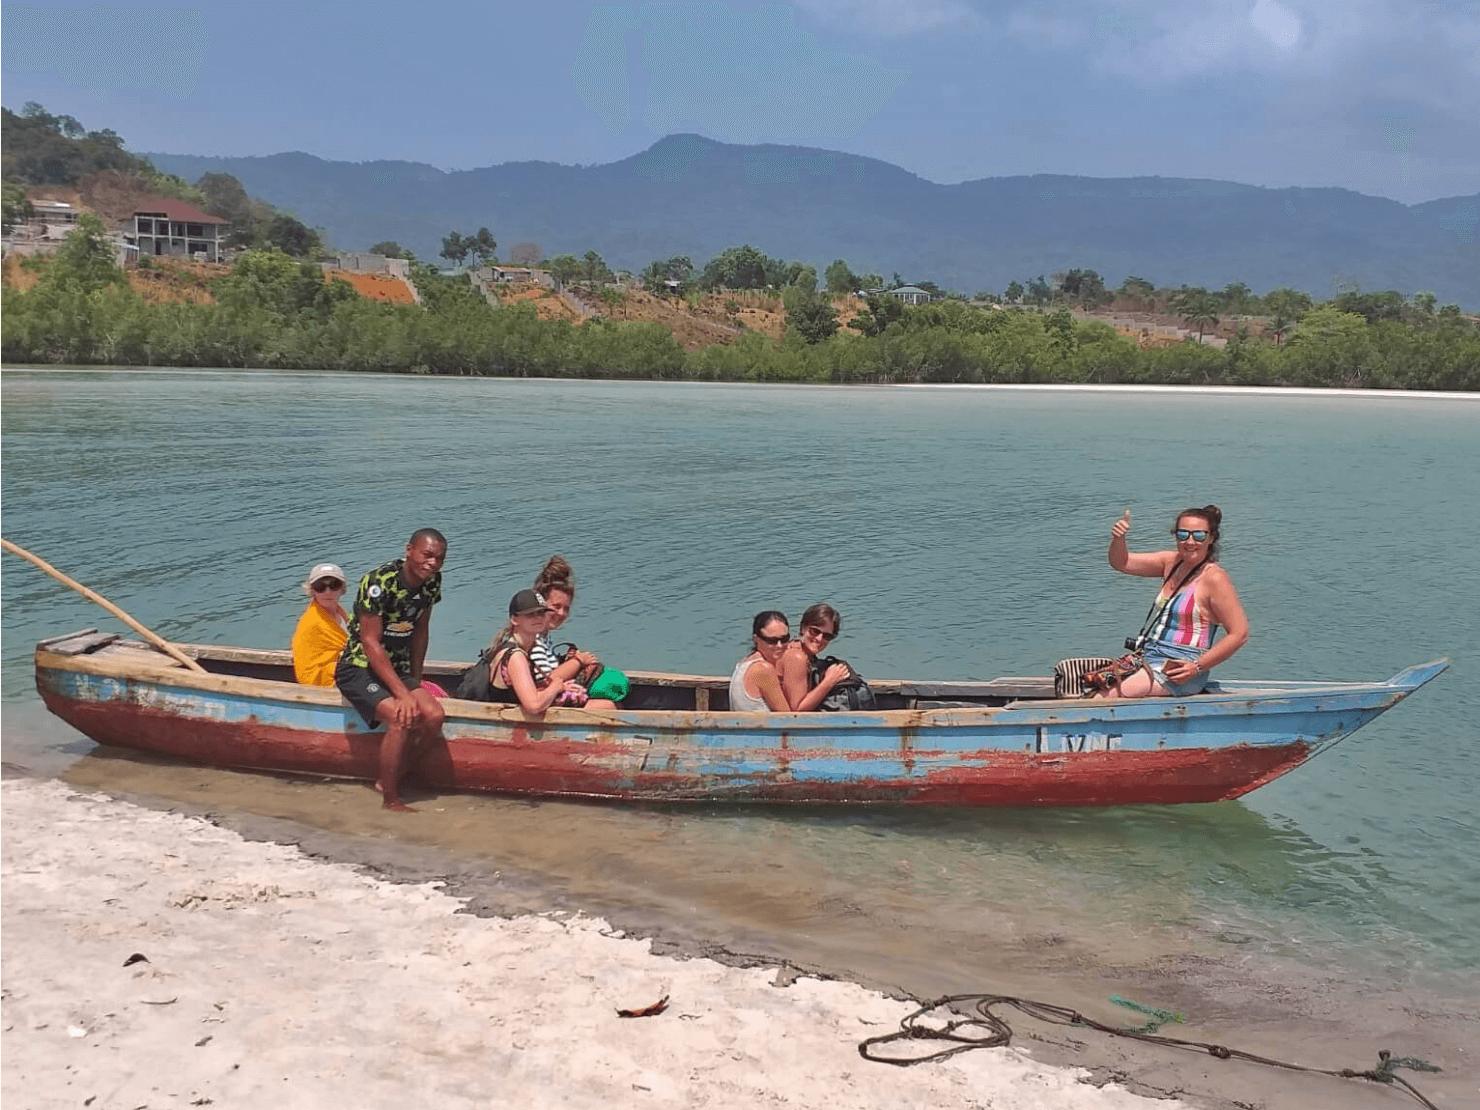 River No. 2 Ferry